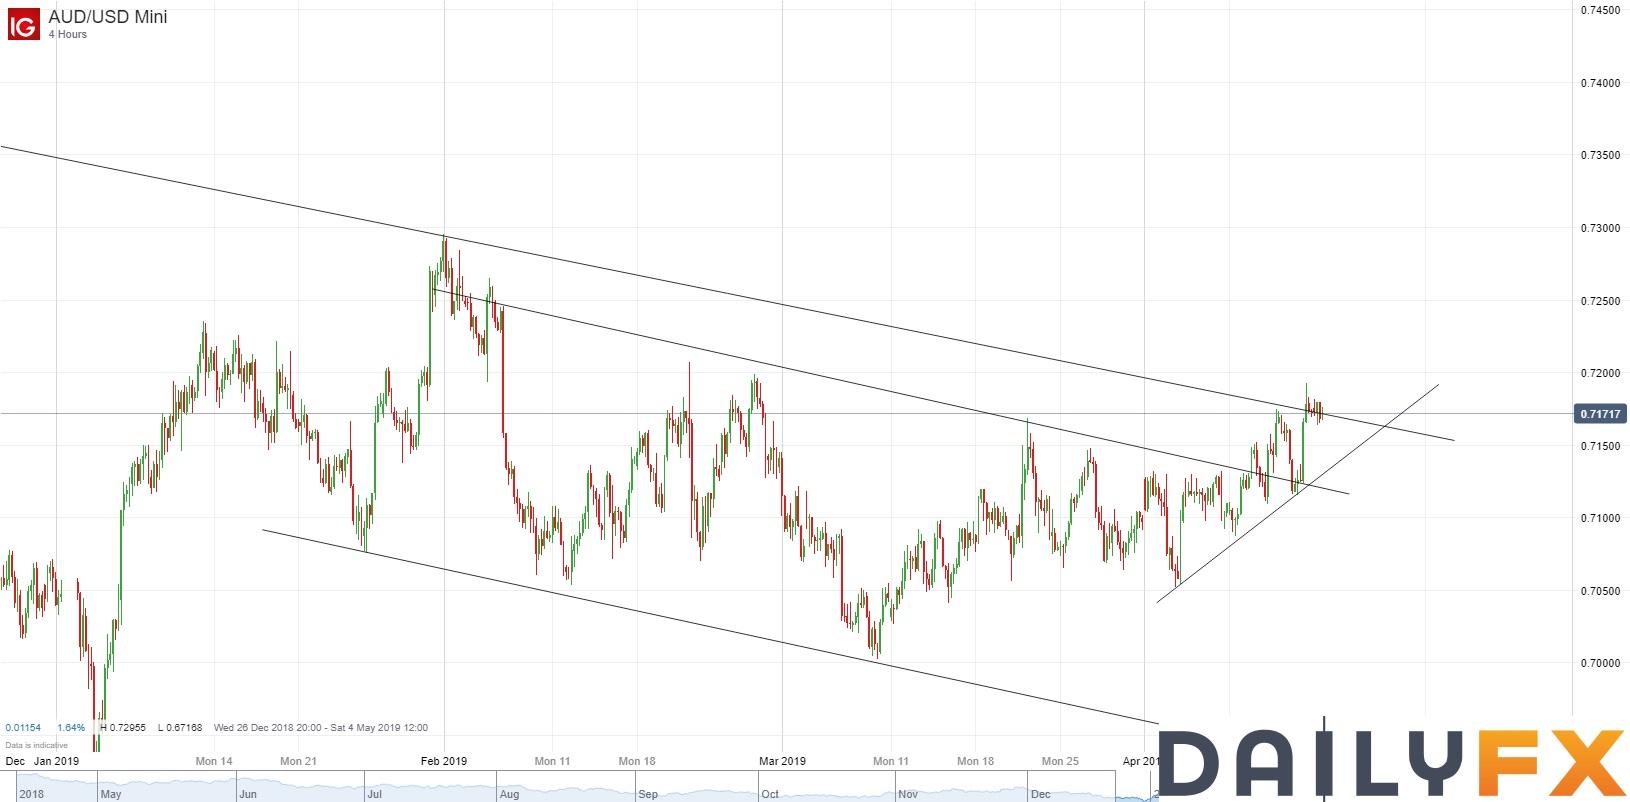 澳元/美元技术分析:日图初步上破自去年12月开始的压力线